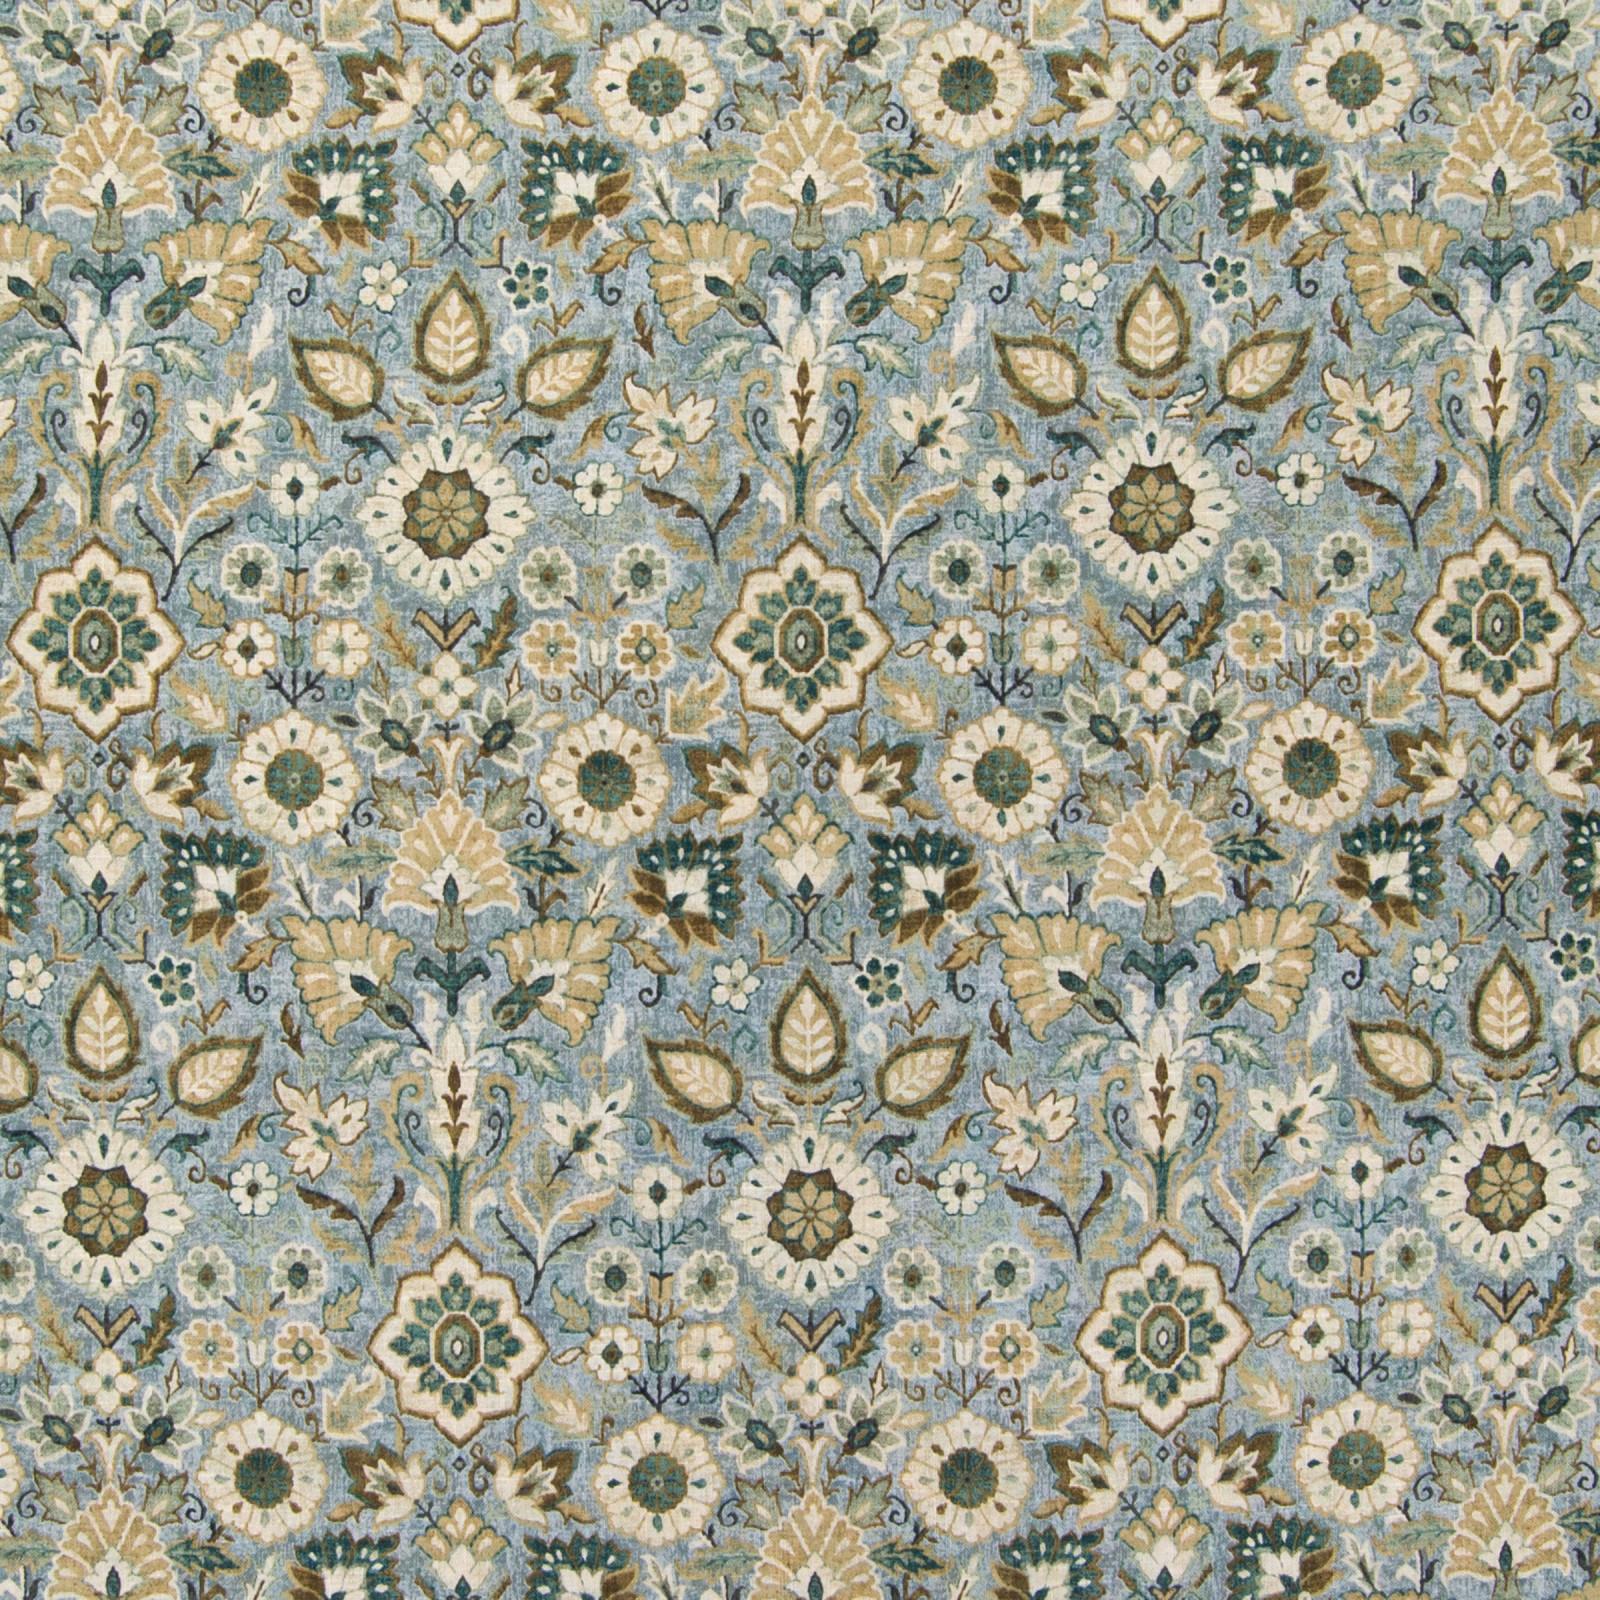 B5728 Nile Fabric D91 D57 SPA BLUE MEDALLION MEDIUM SCALE